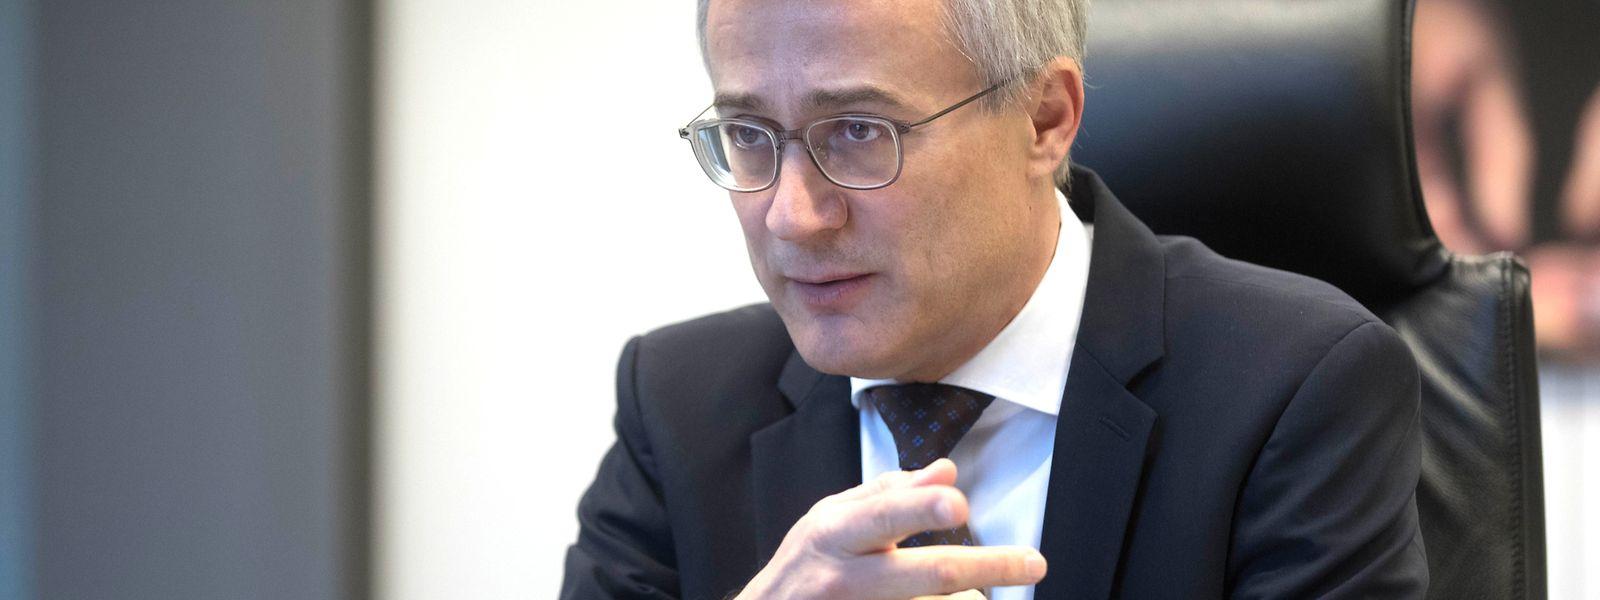 Le Vice-Premier ministre, ministre de la Justice, Felix Braz, a été victime d'un malaise cardiaque lors de ses vacances en Belgique.